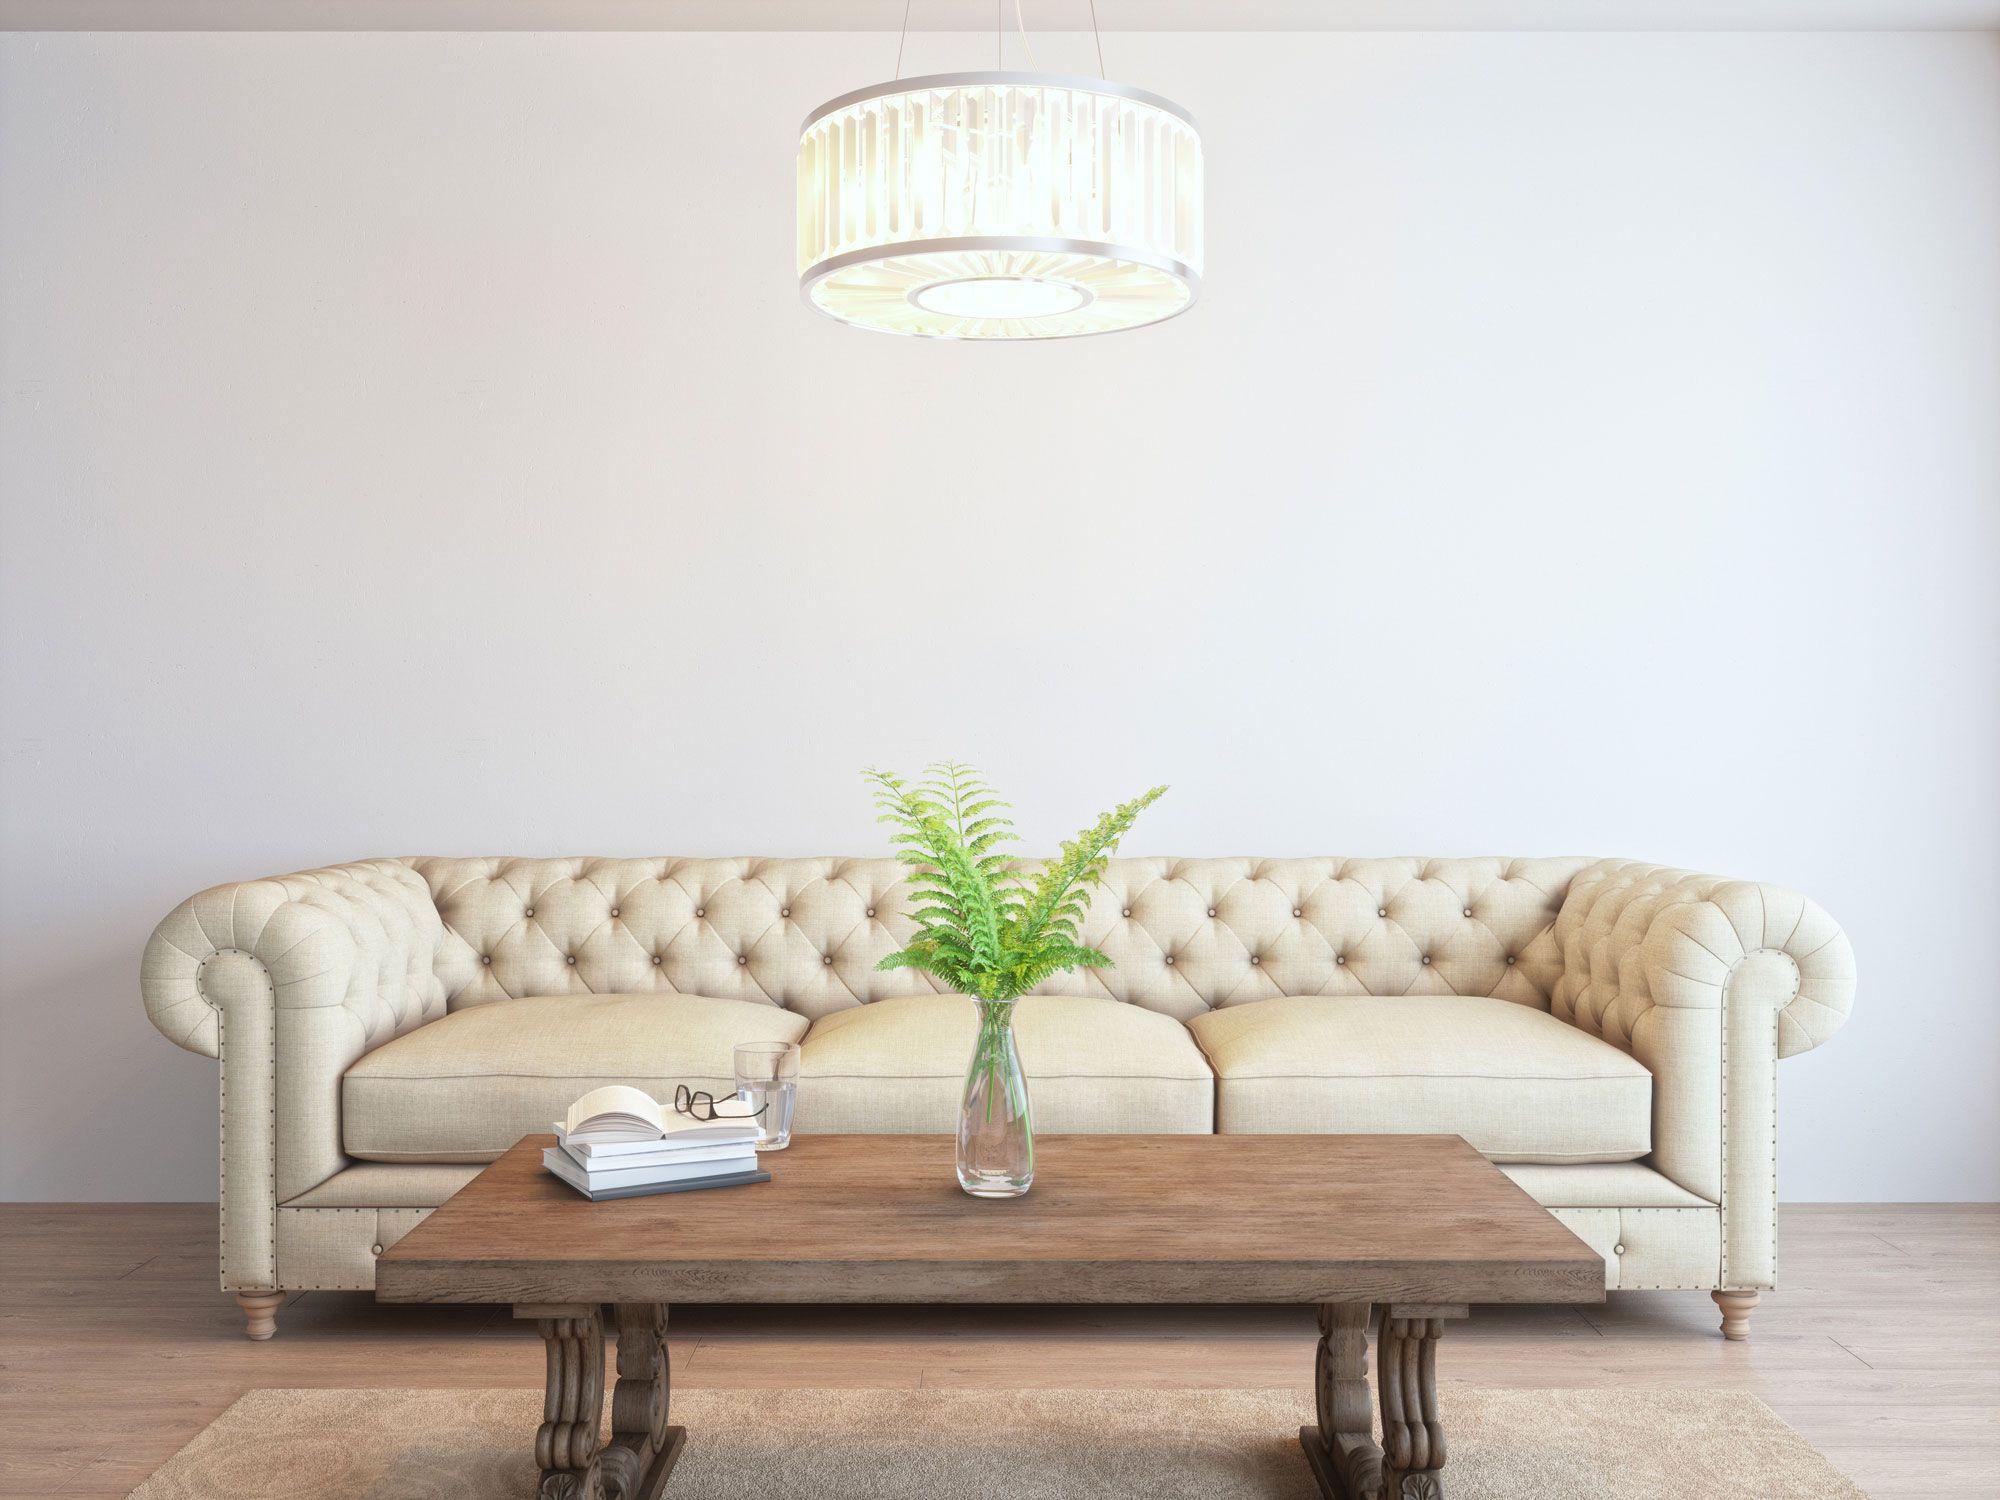 Tipos de sof s hogarmania for Sofa tipo chester